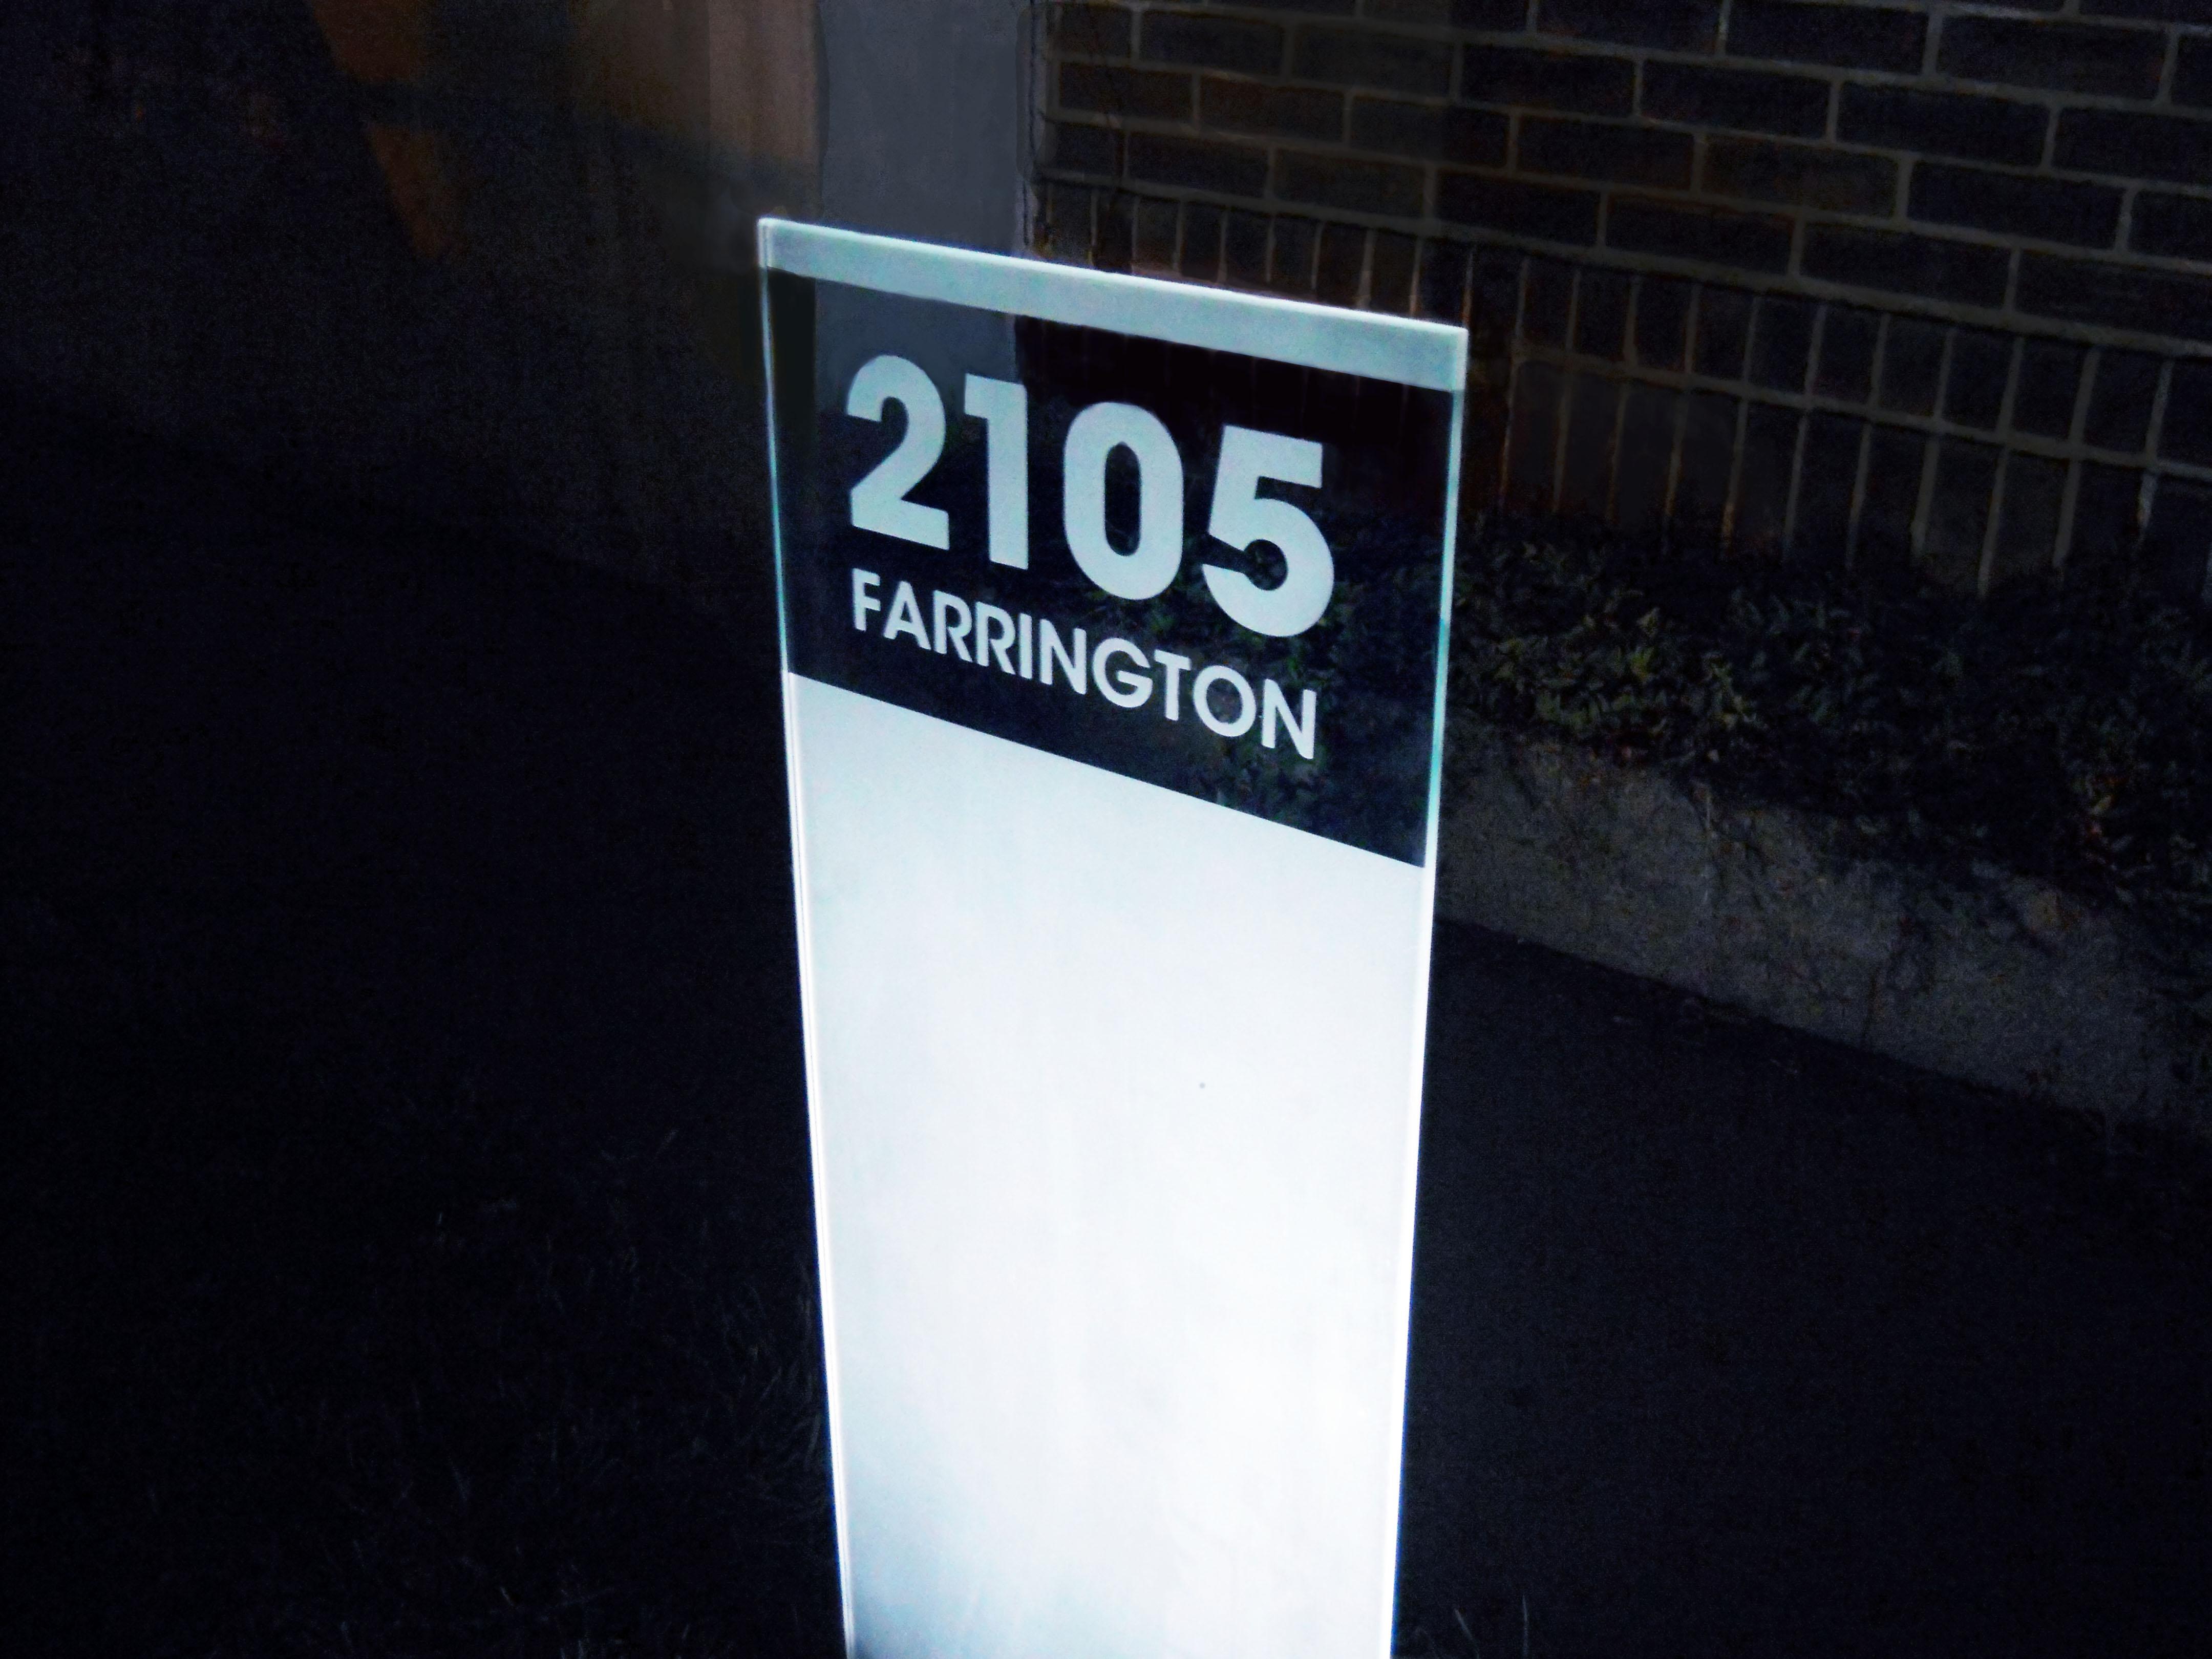 farrington address sign7.jpg